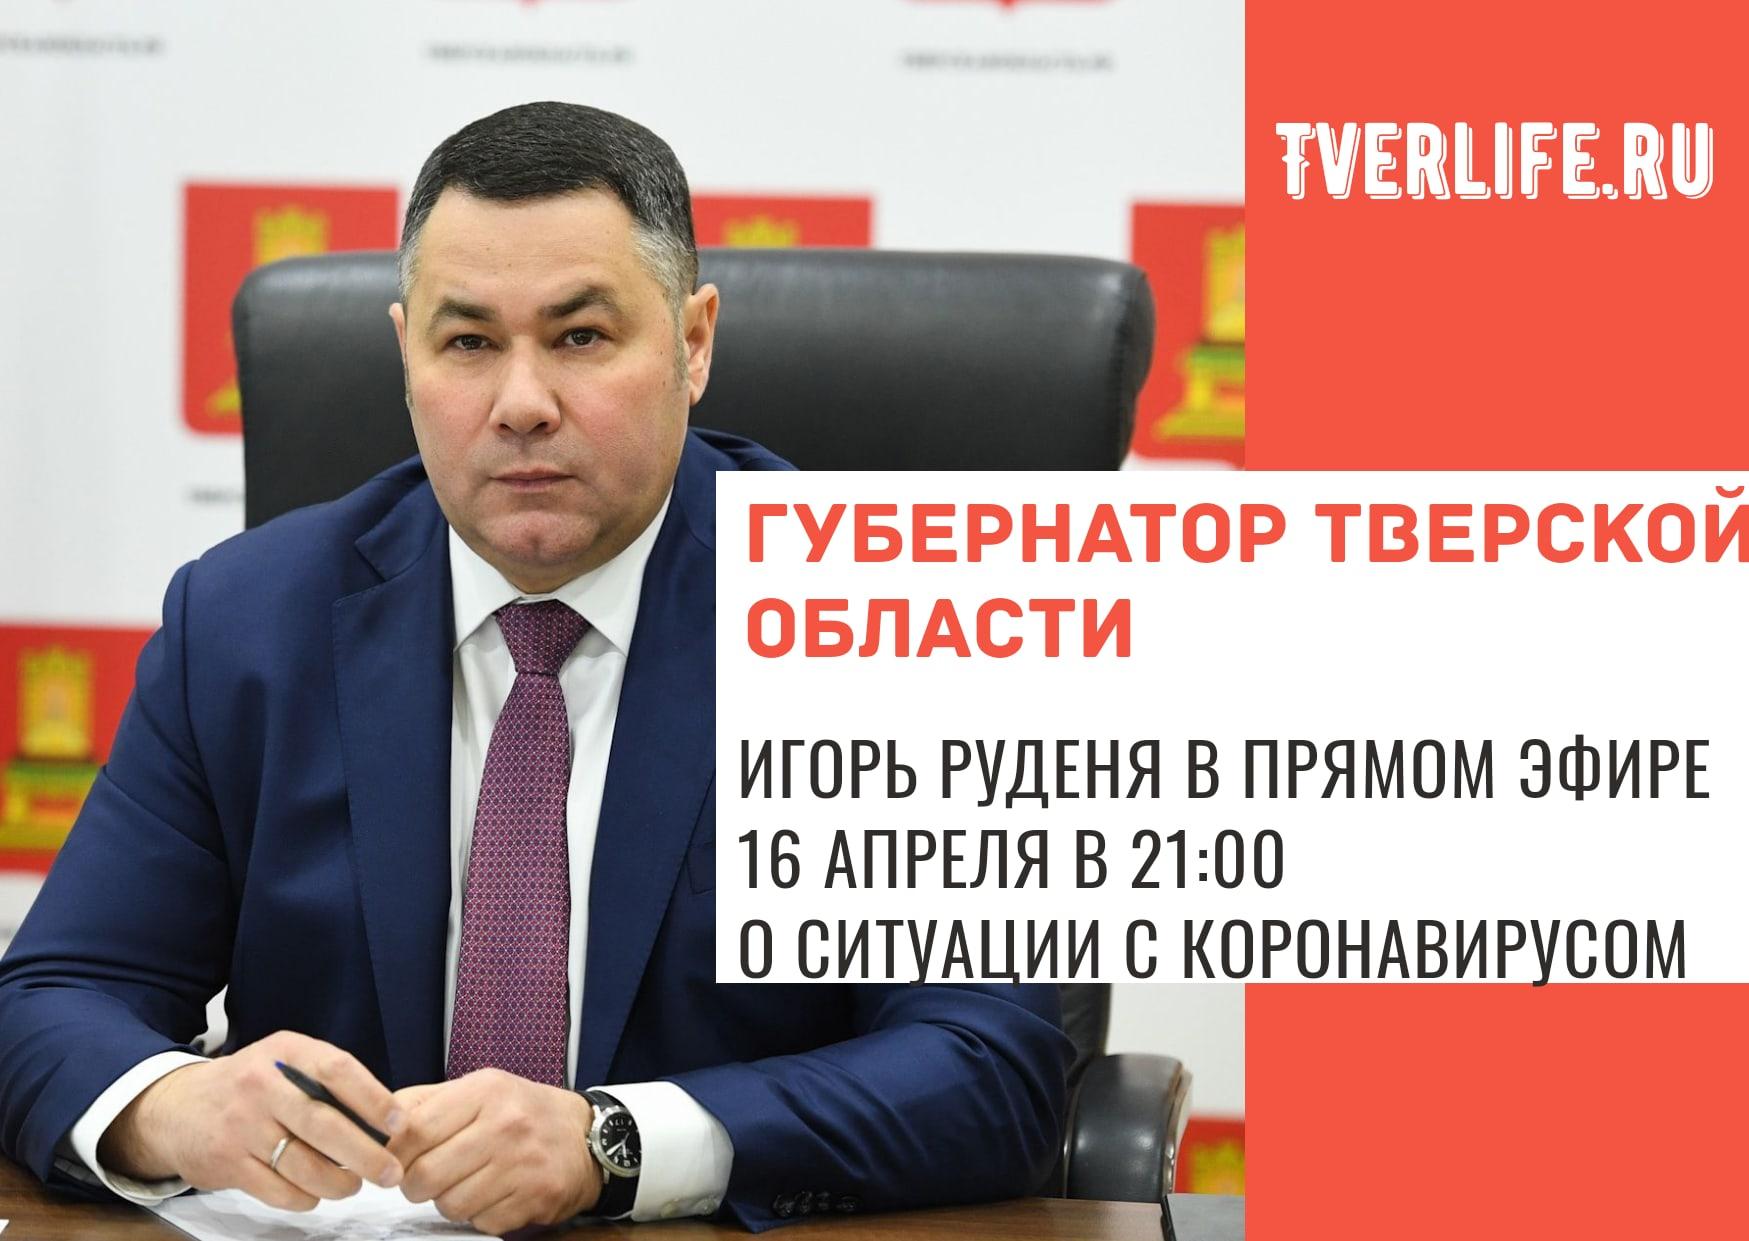 Губернатор рассказал, как будет проходить Пасха в Тверской области в период коронавируса